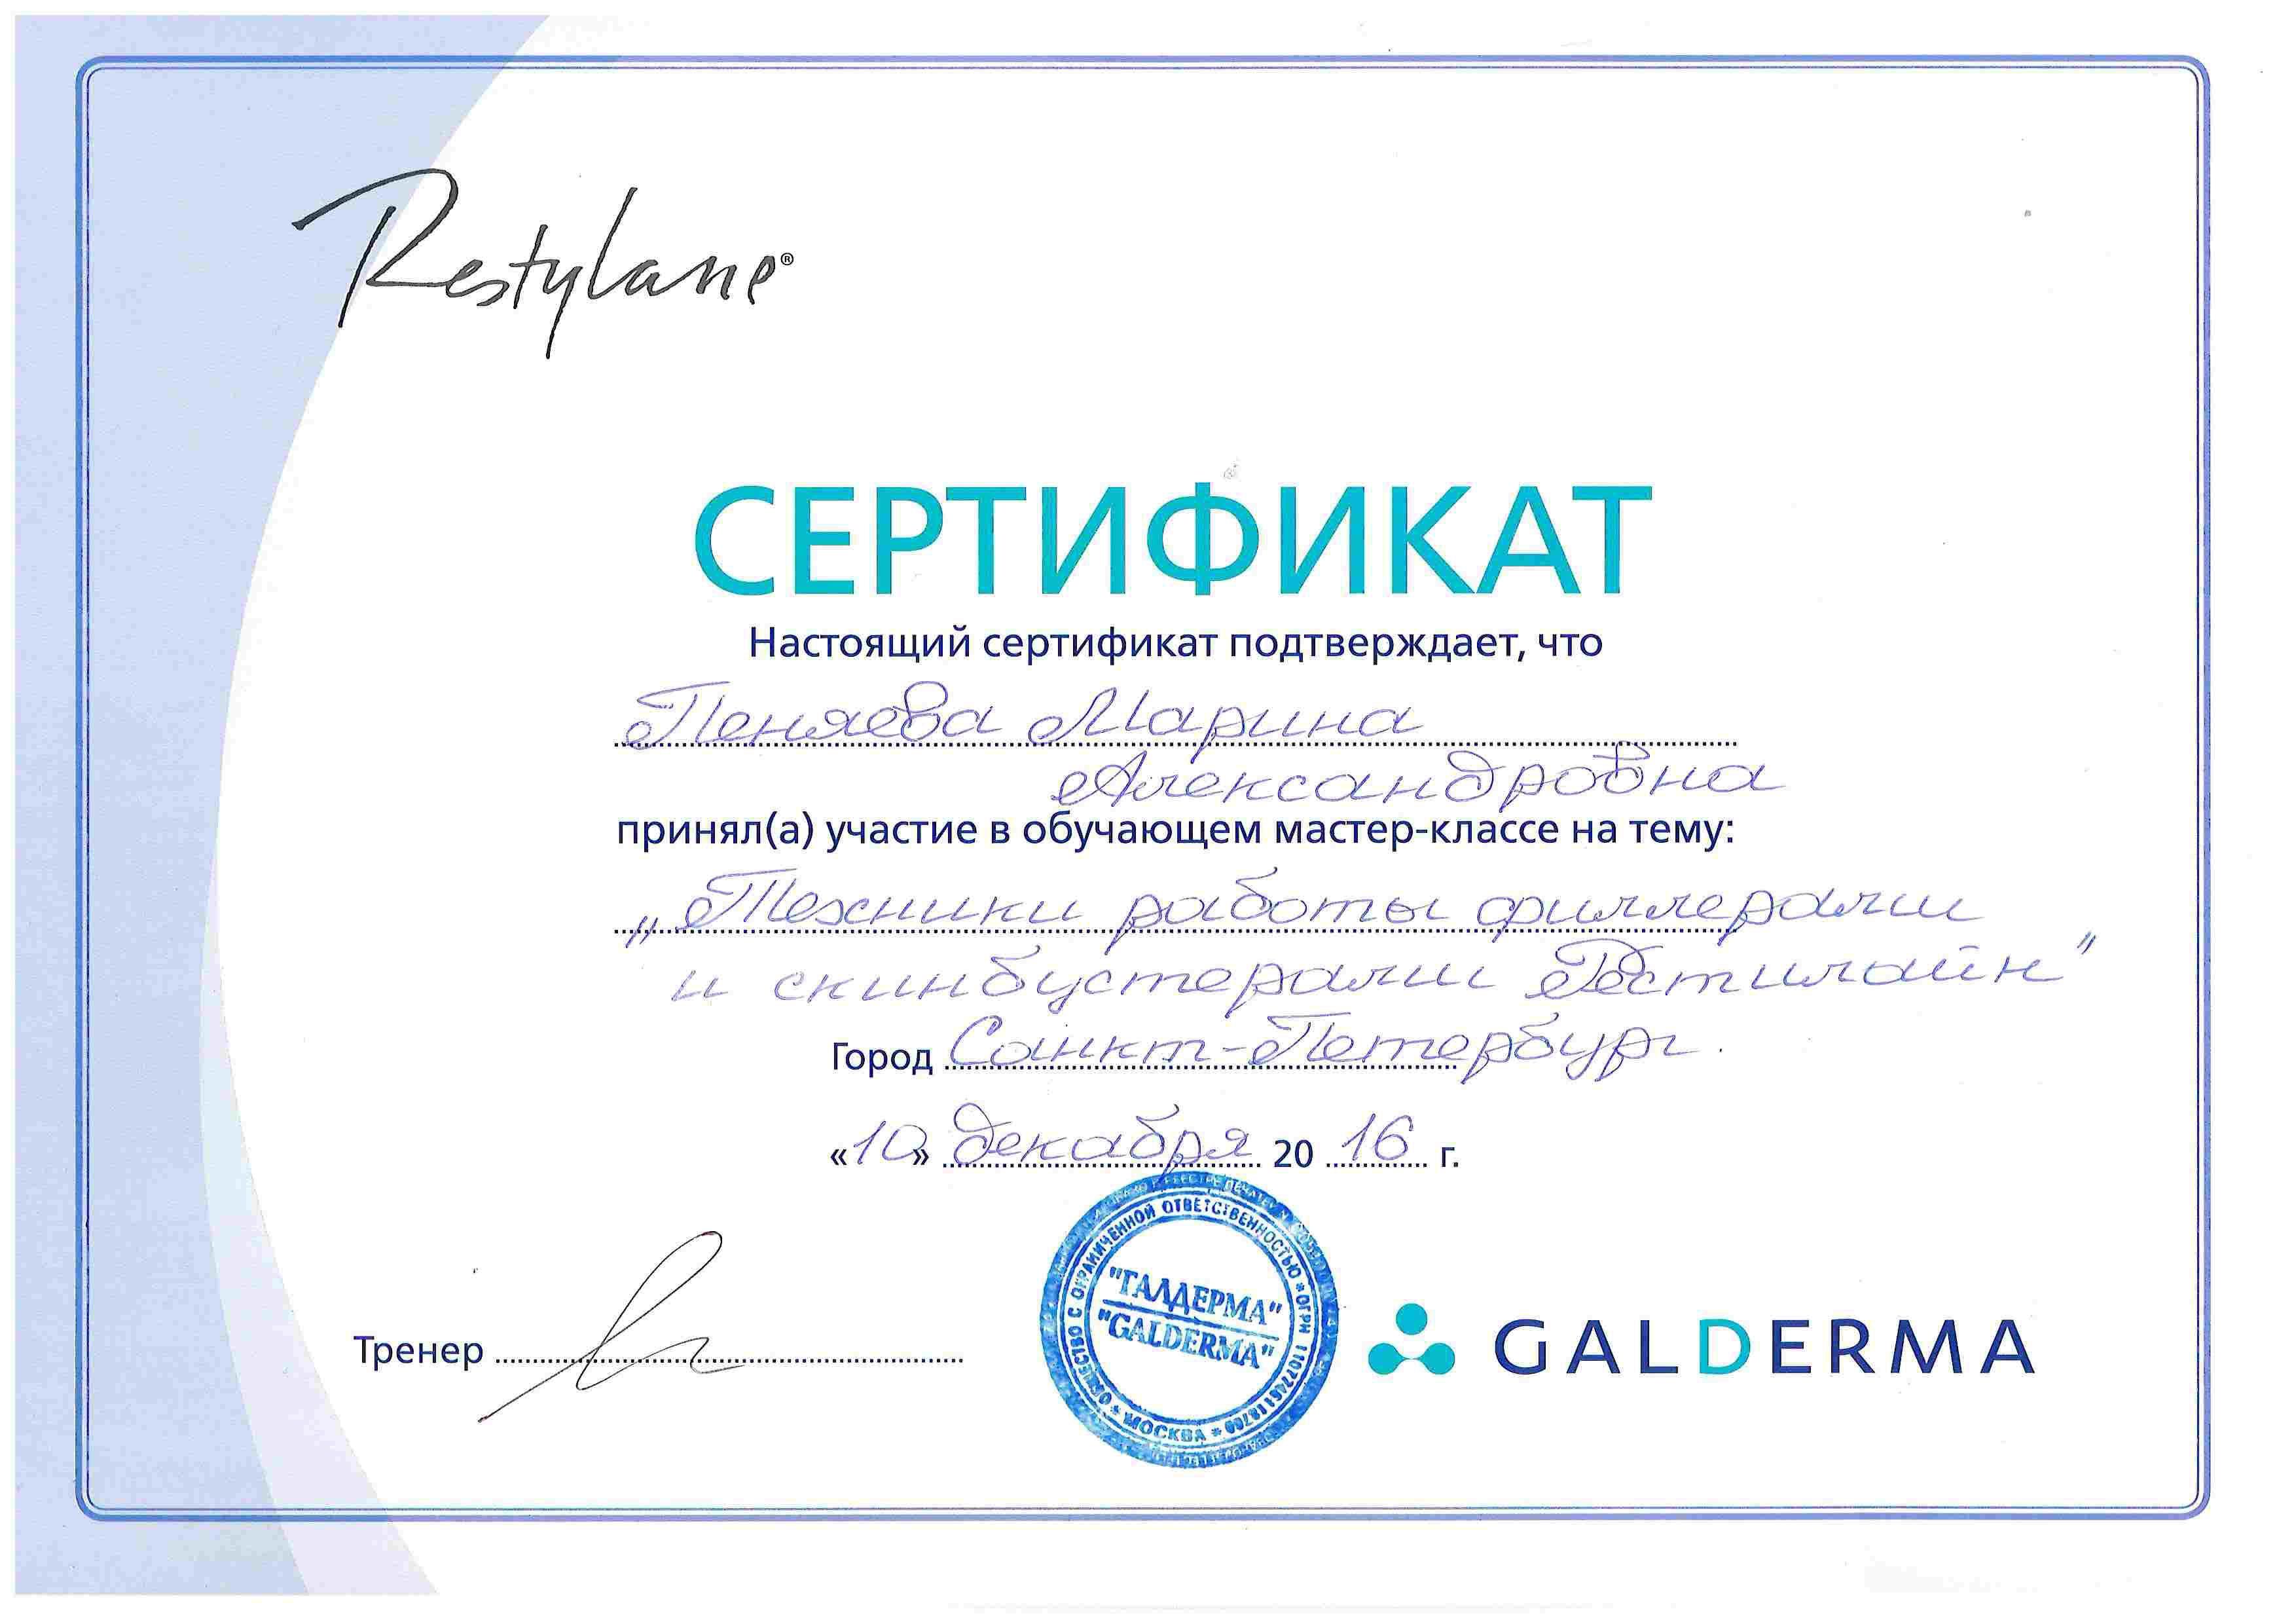 Сертификат — Техники работы филлерами и скинбустерами Рестилайн. Пеняева Марина Александровна